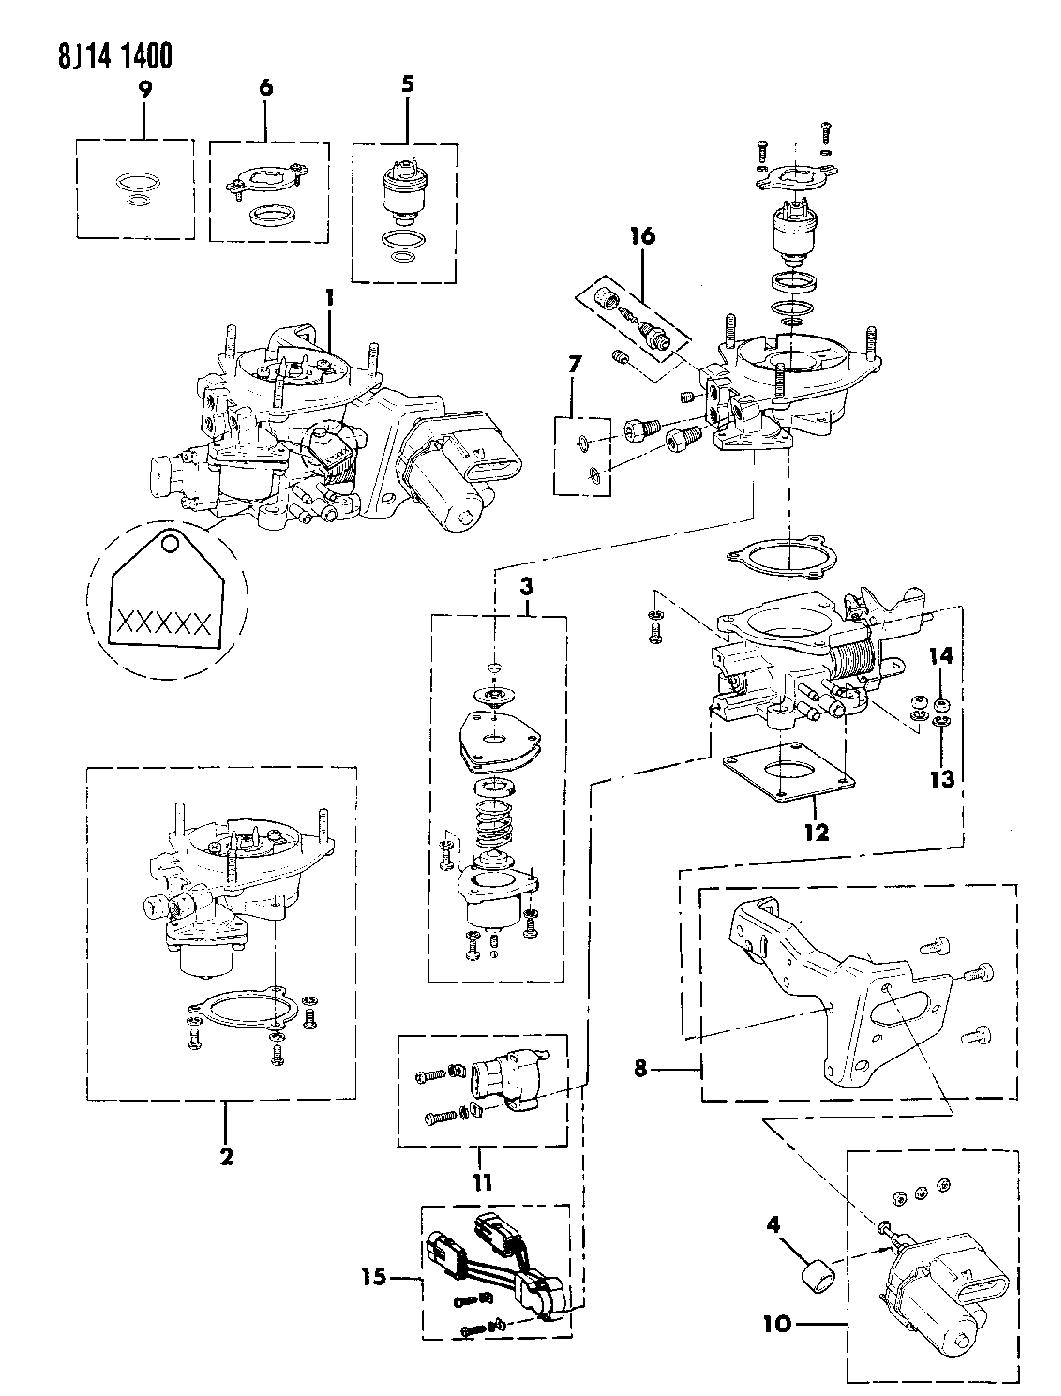 1988 Jeep Comanche Throttle Body